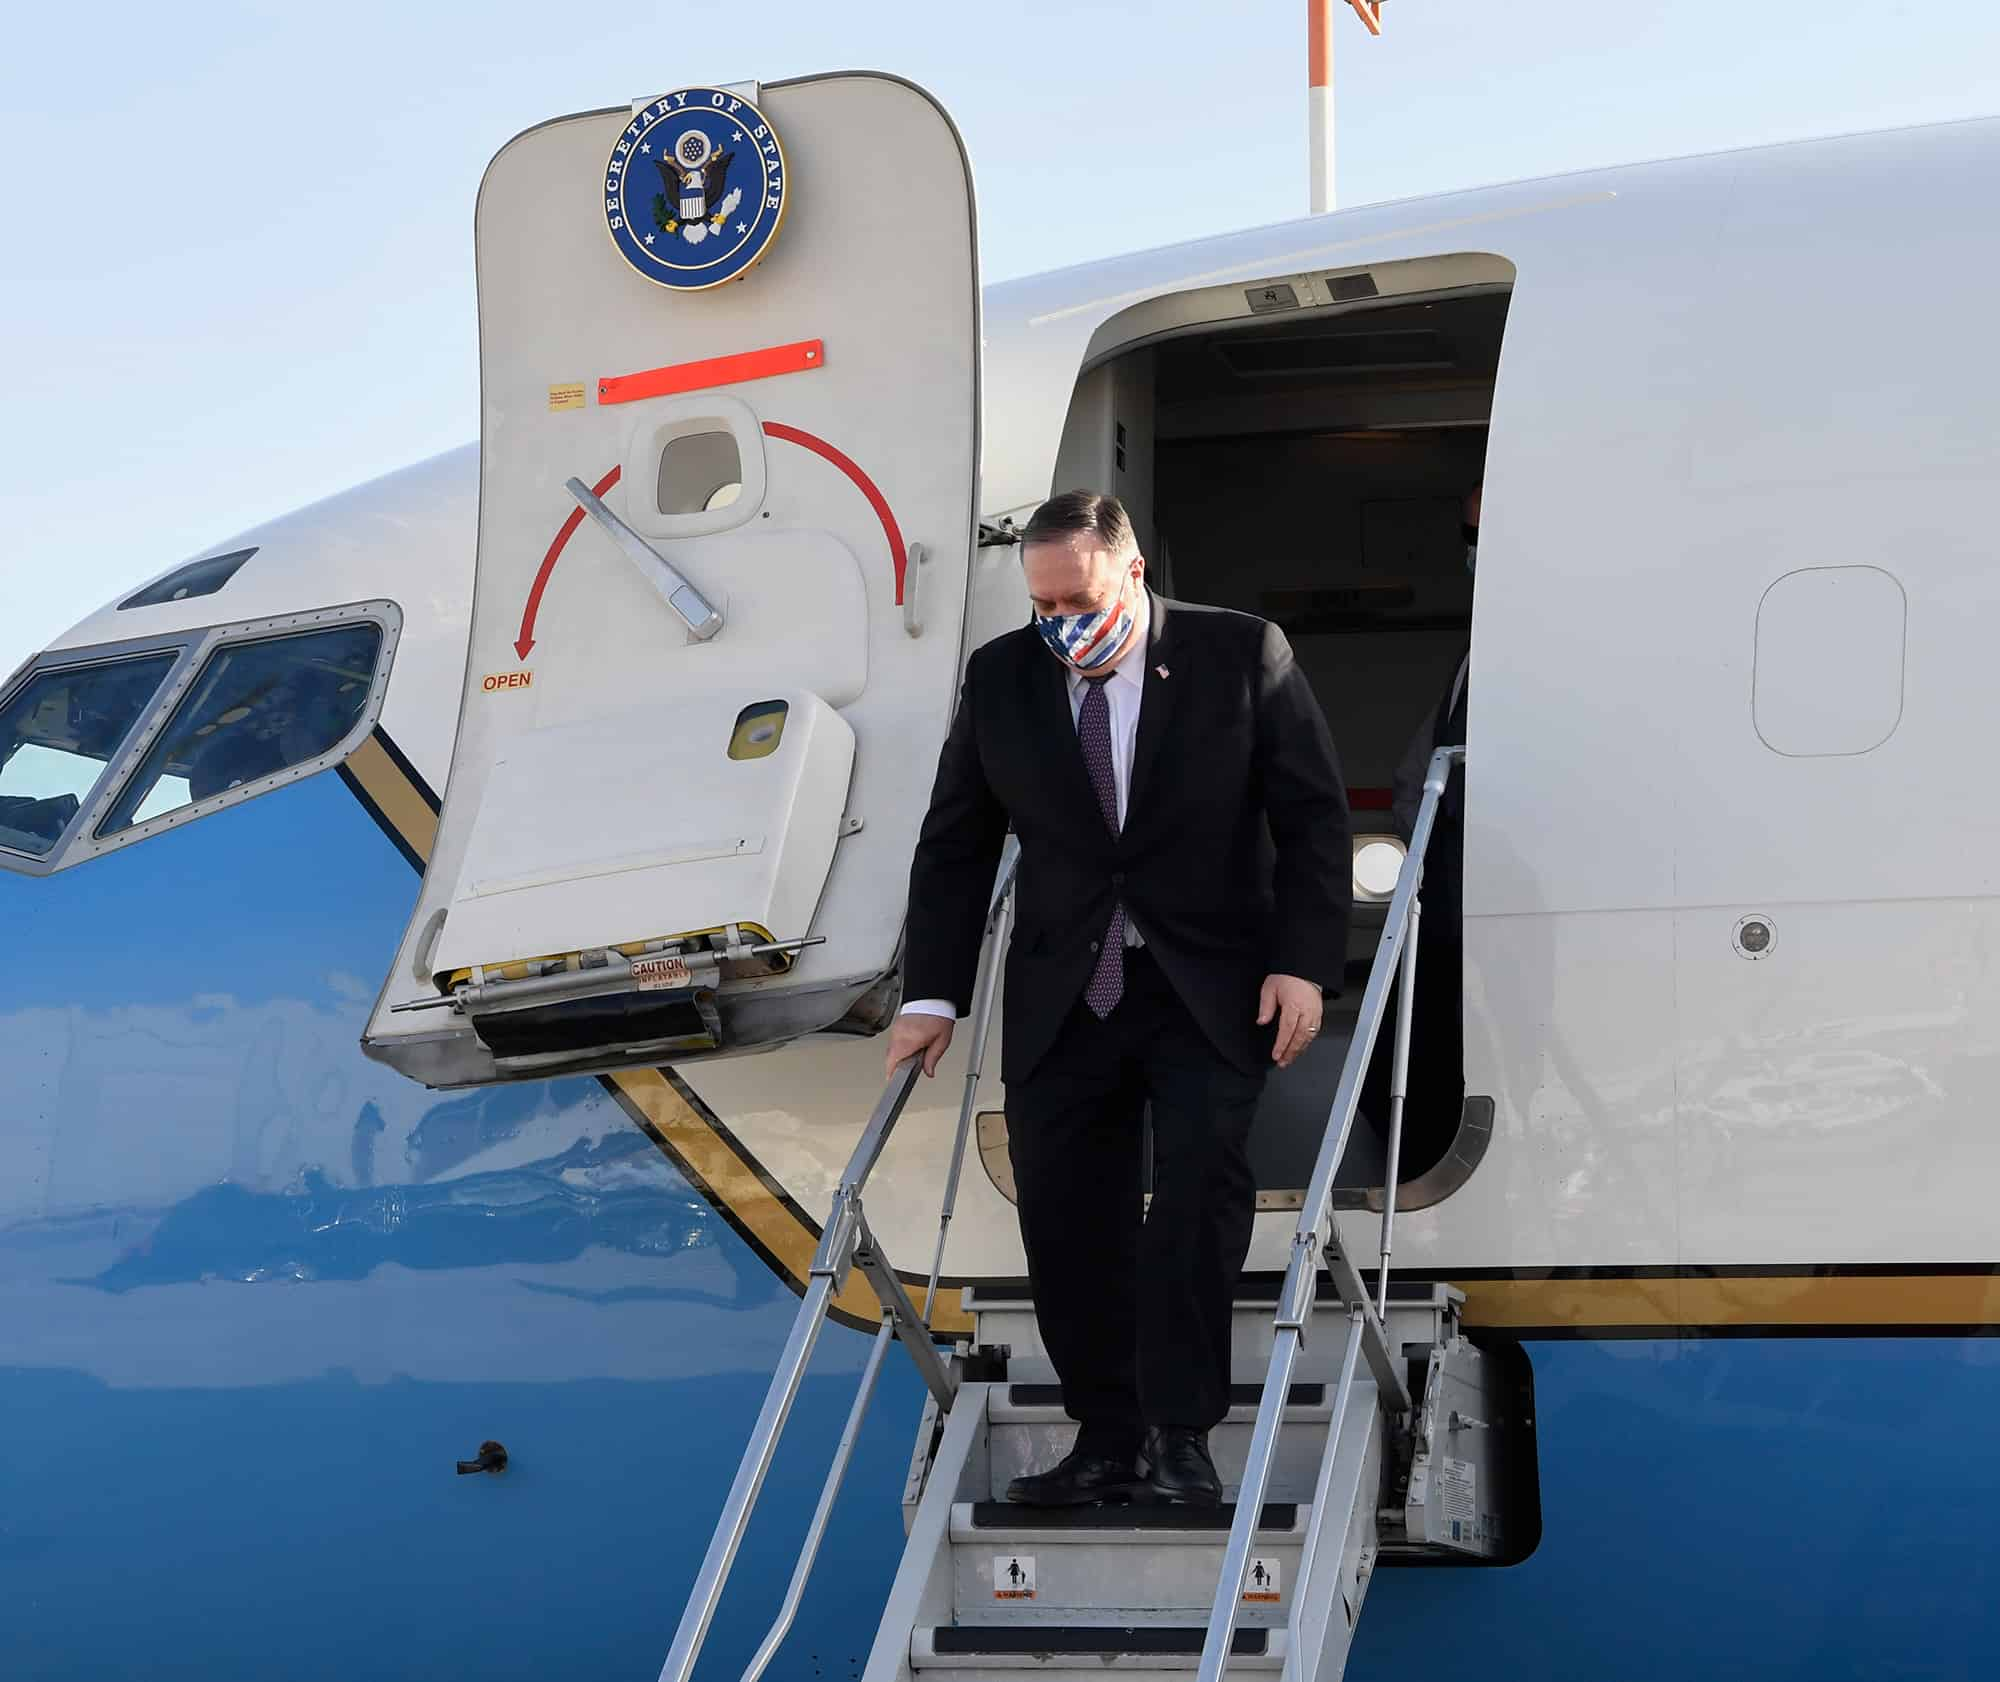 מזכיר המדינה האמריקאי, מייק פומפאו,נחת בישראל. אפריל 2020 (צילום: Flash90)